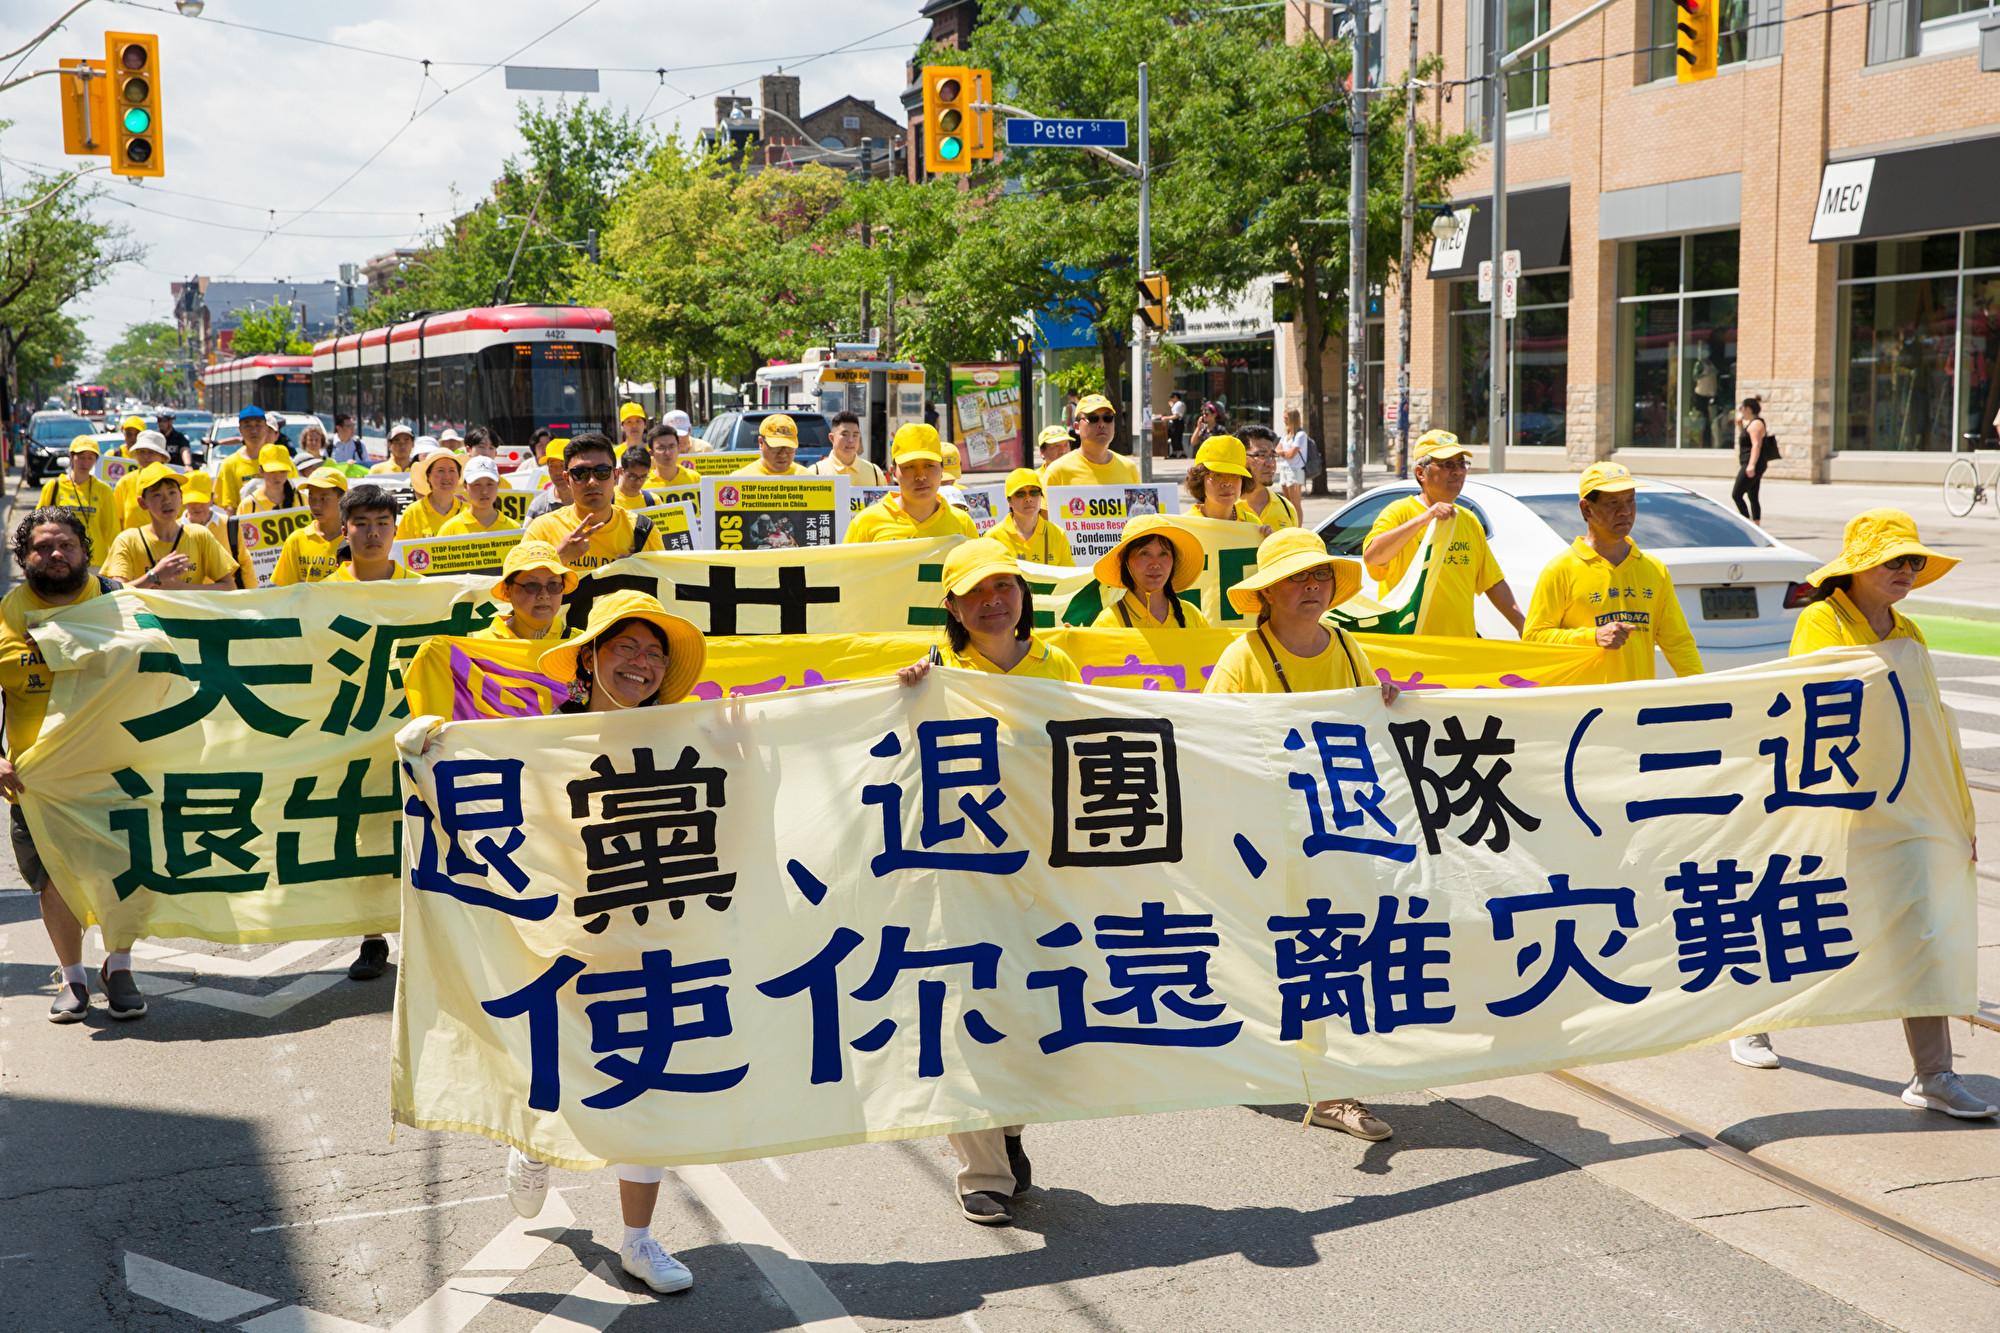 7月20日,加東地區法輪功學員舉行盛大遊行,紀念反迫害20周年,圖為學員手拿橫幅「退黨、退團、退隊(三退),使你遠離災難。(艾文/大紀元)